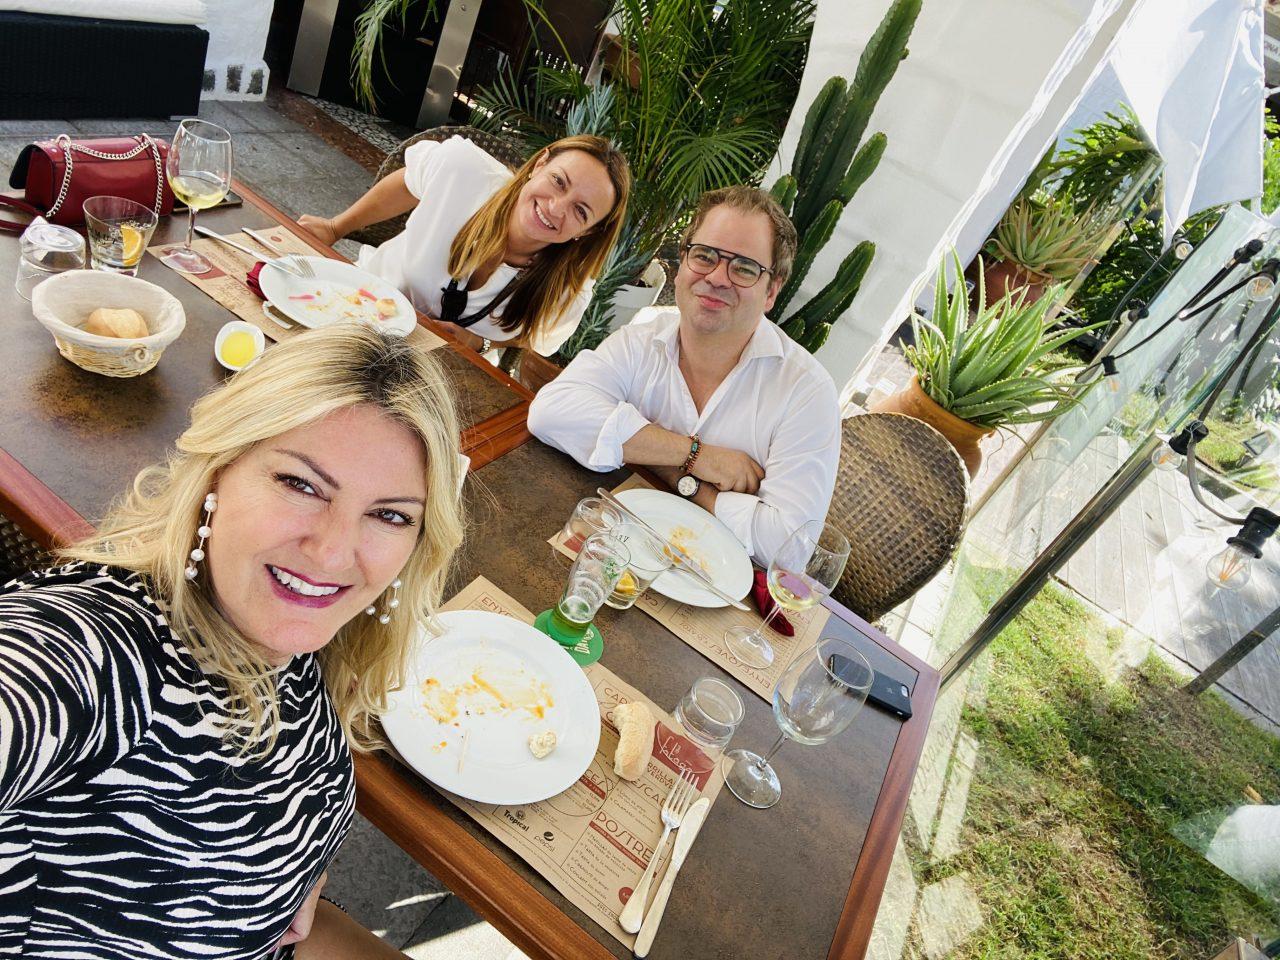 Carmen Hernández Salchaga, de ron Puerto de Indias, Iván Ortega, propietario de Casa Fataga, y yo durante el almuerzo.